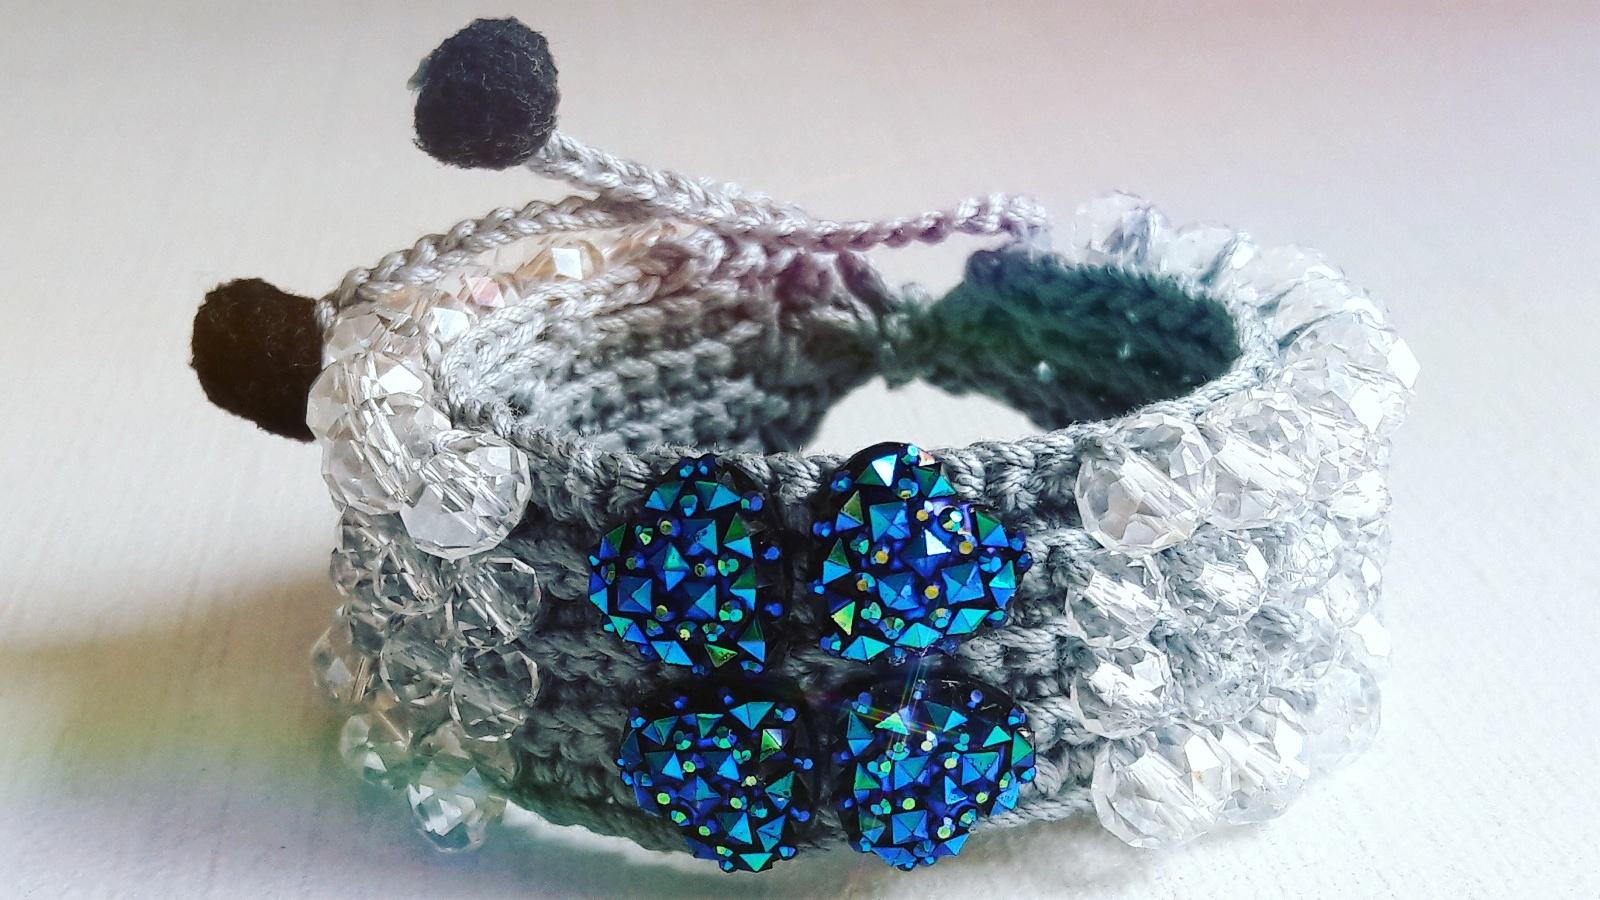 Kako pokrenuti biznis izrade nakita i može li se od toga živjeti marijana izrada nakita posao nakit od doma sandale nakit koji je unikatni nakit narukvica nova